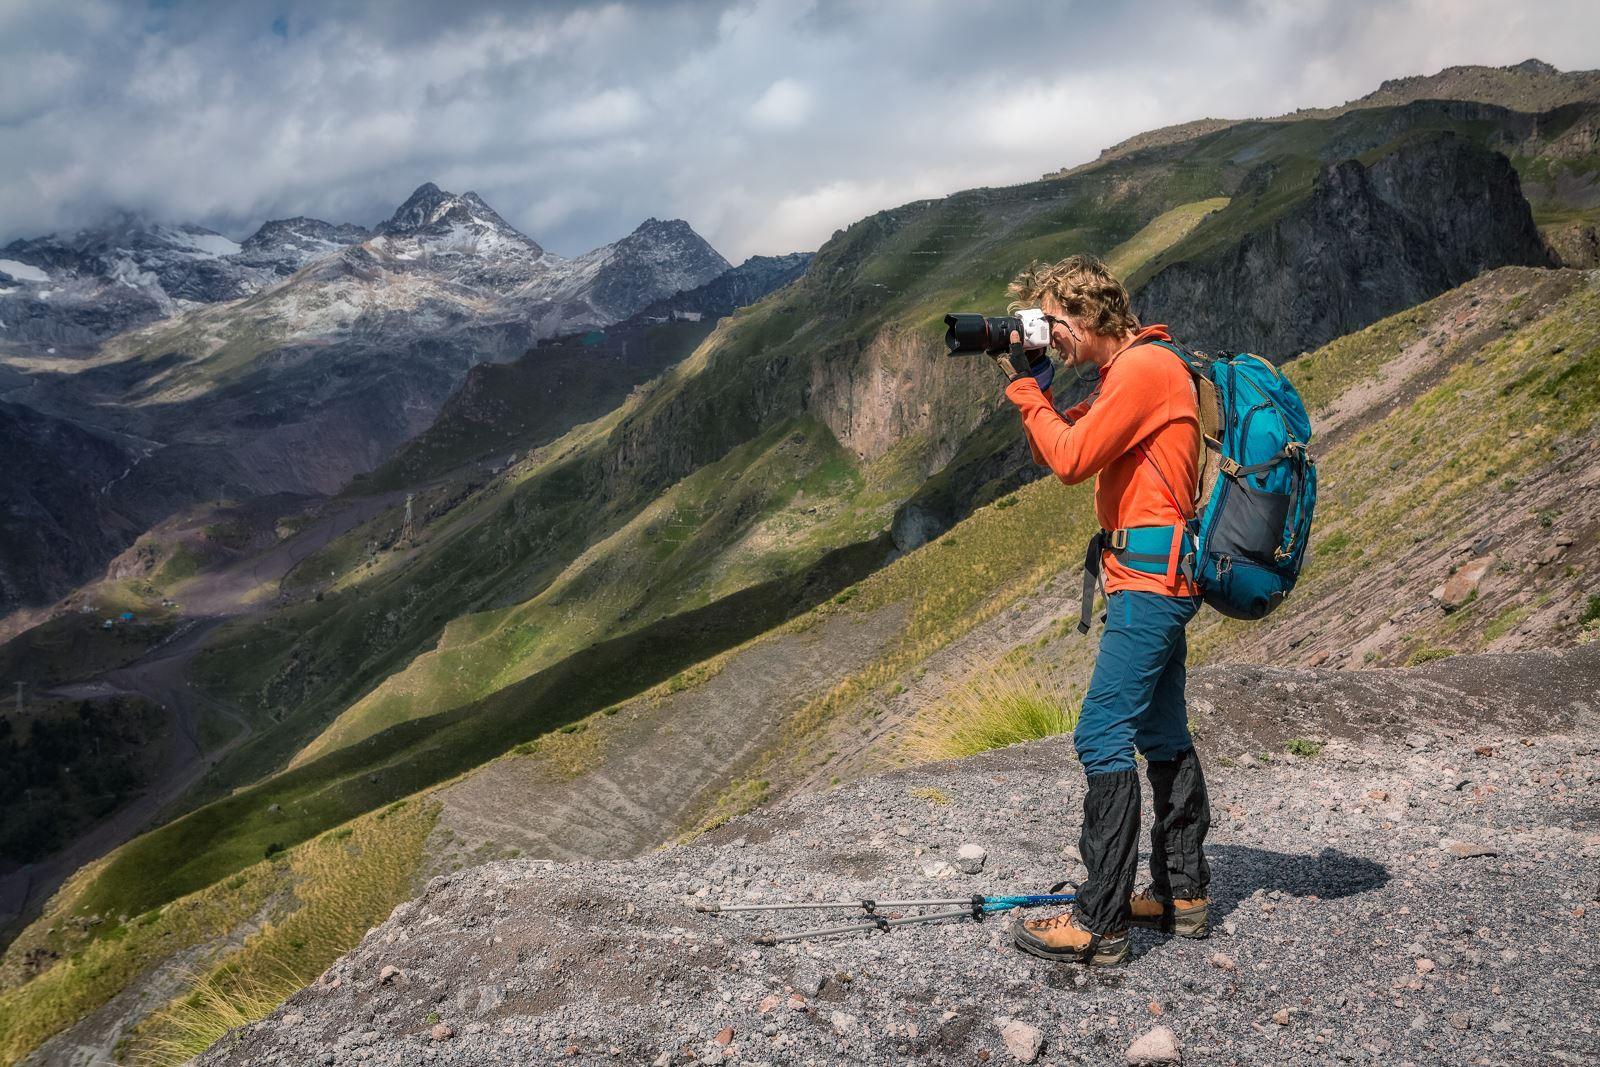 Как фотографу оформить инстаграм решение